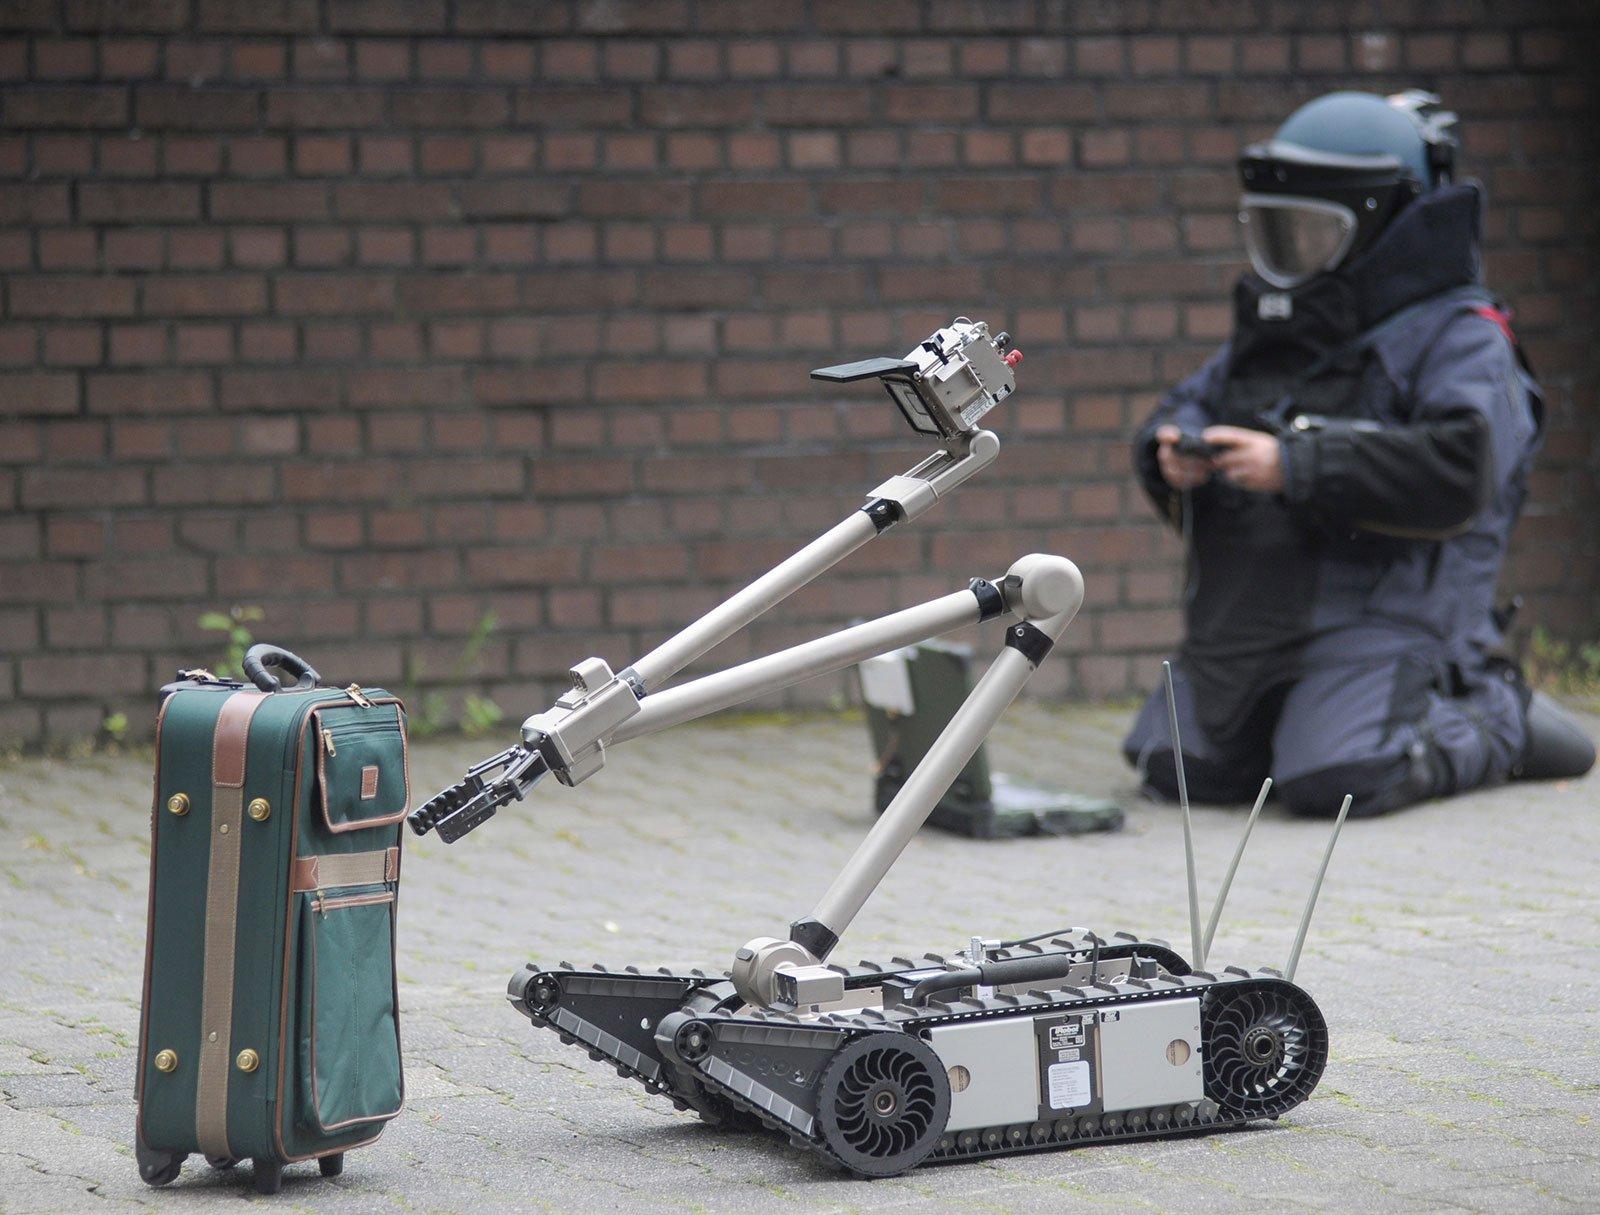 Ein Roboter könnte künftig ein verdächtiges Gepäckstück zunächst berühungslos durchleuchten.